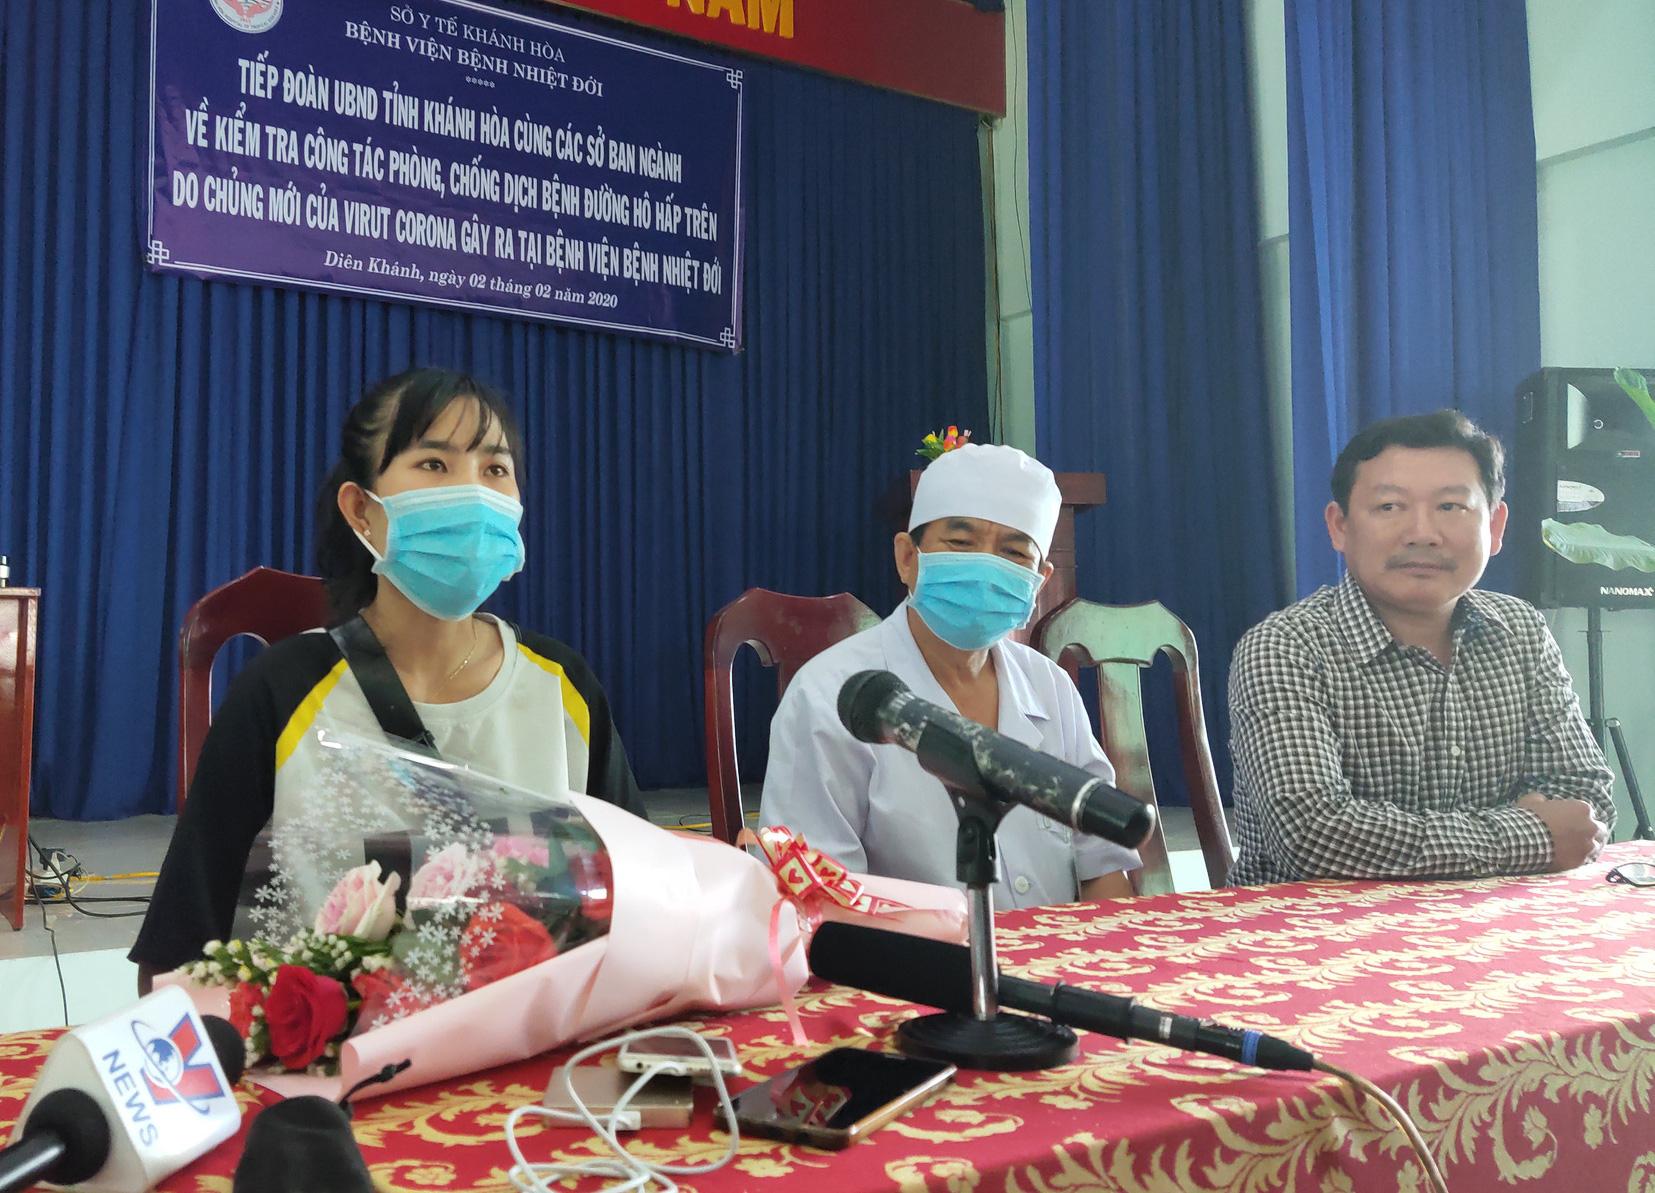 Bộ Y tế công bố Khánh Hoà hết dịch Covid-19 - Ảnh 1.